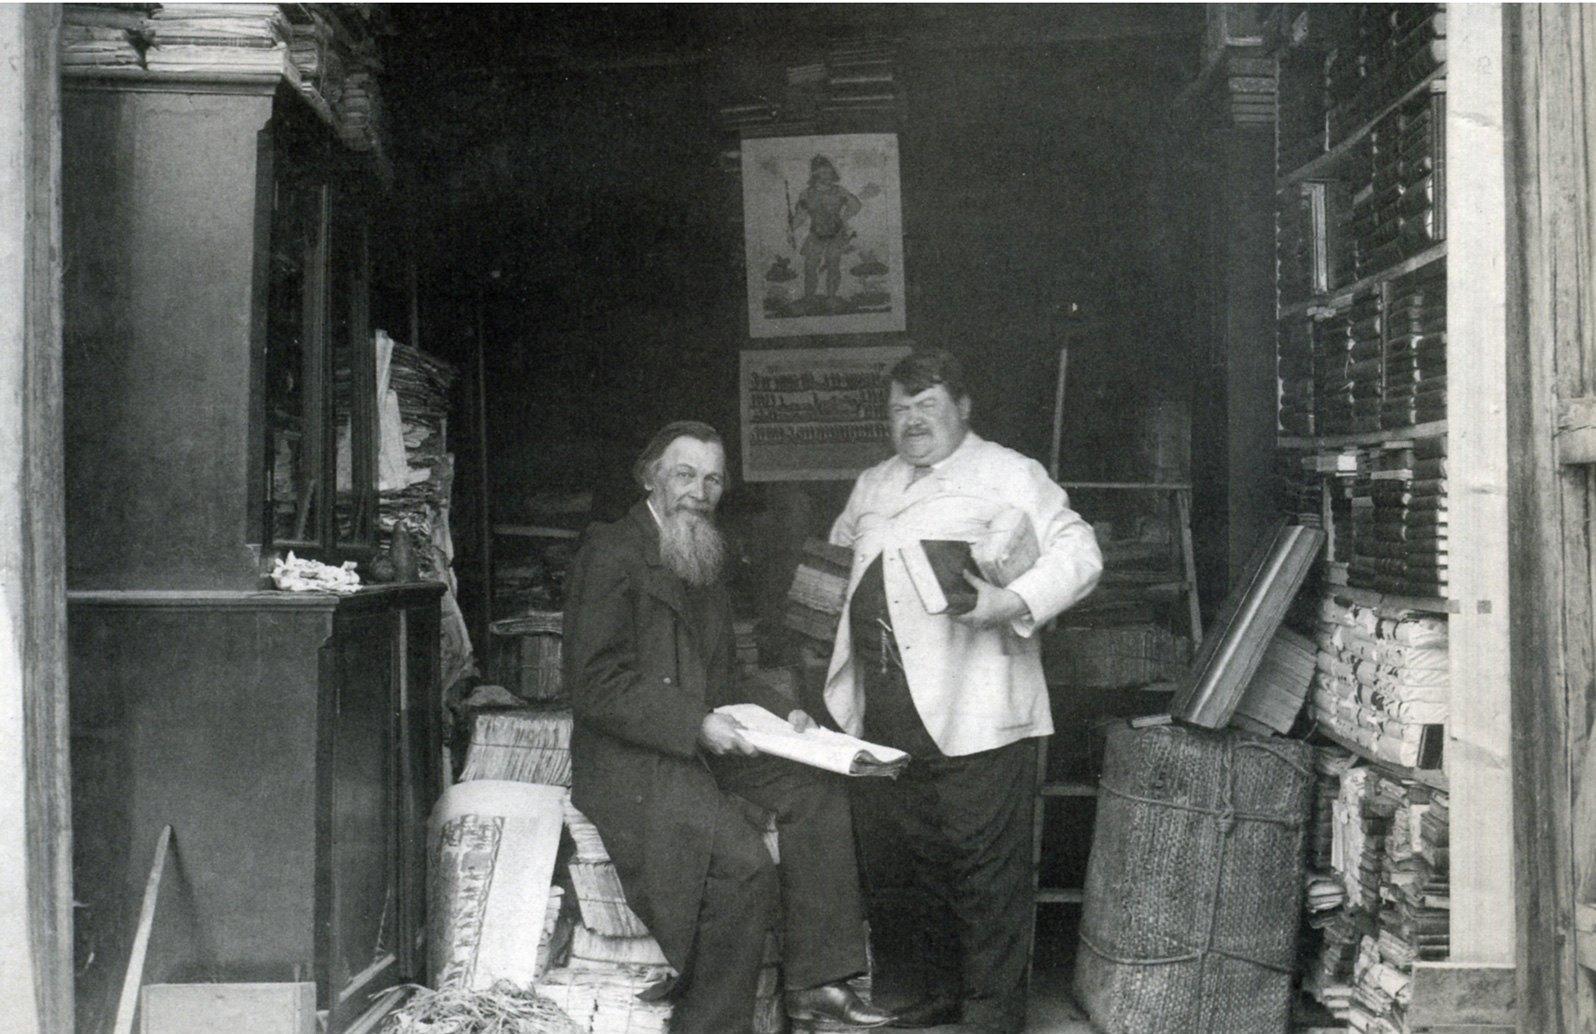 1895. Никольская улица. Букинистический склад и издательство Ефремова